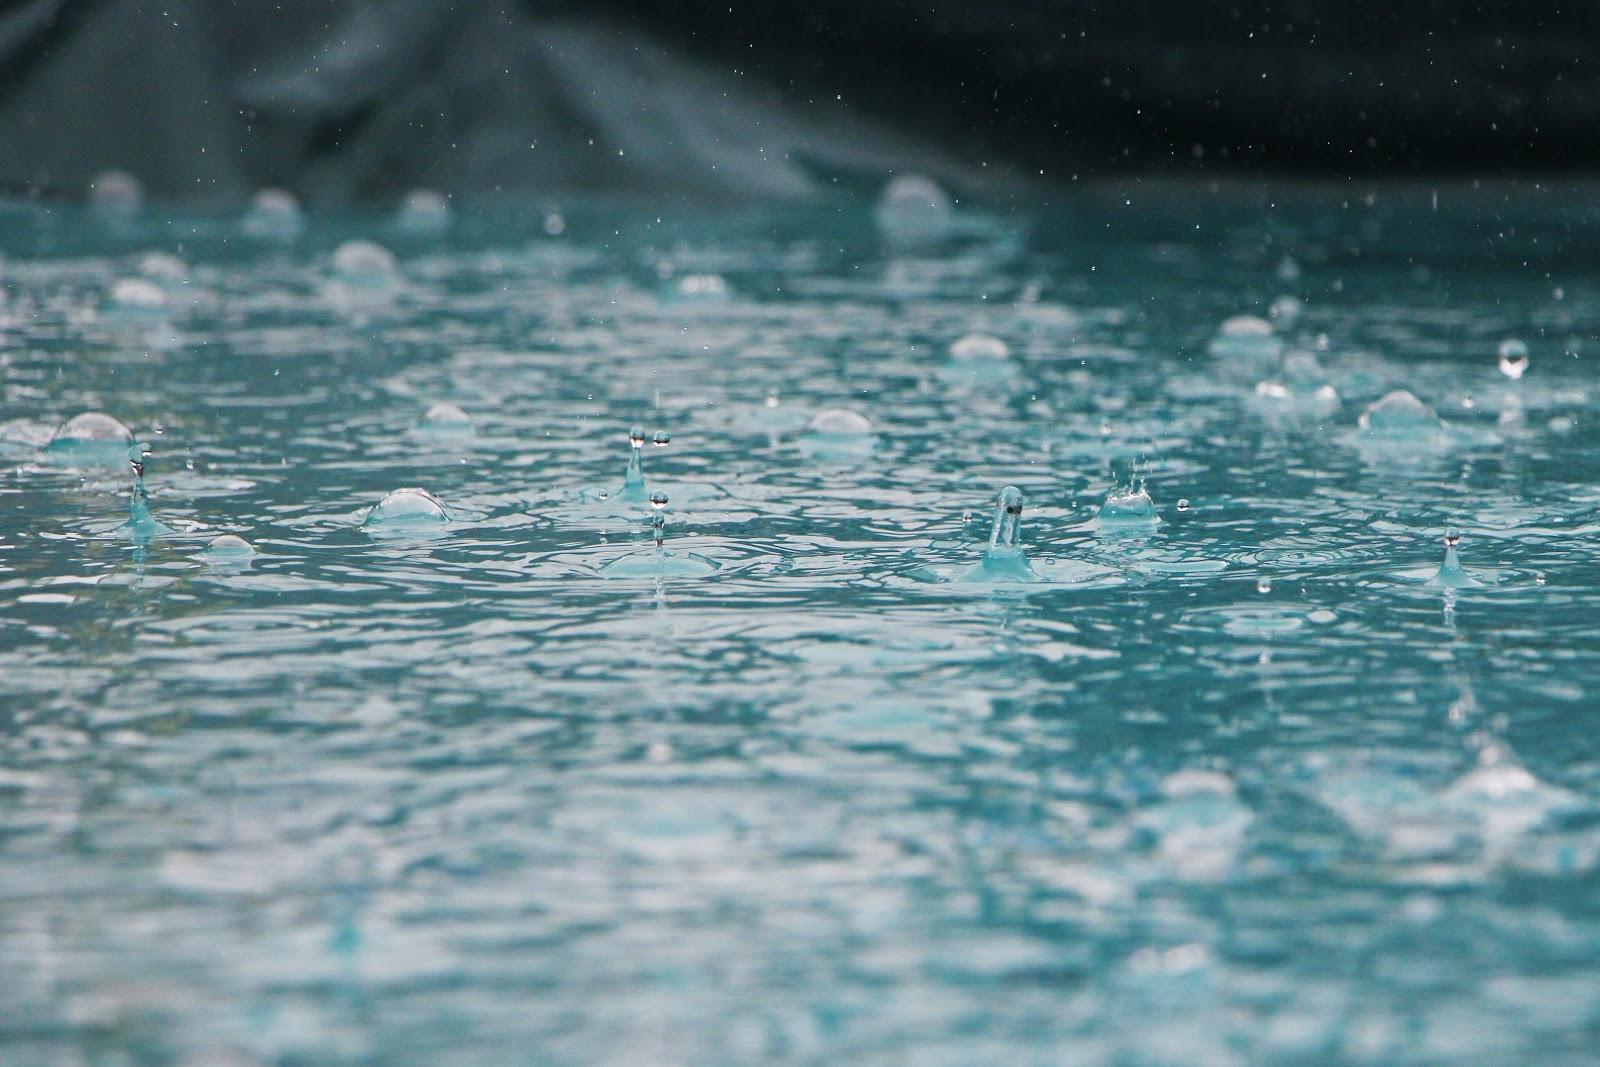 雨中の水面